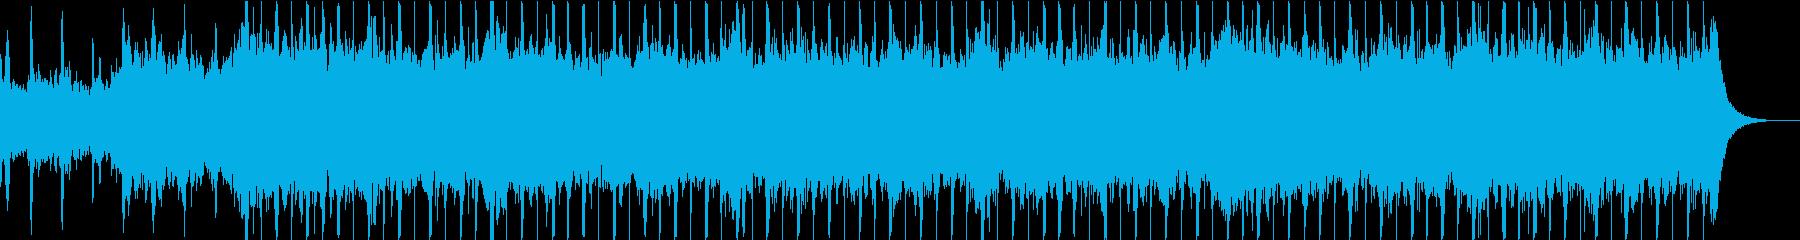 ゆったりした雰囲気のポップス(Vr2)の再生済みの波形